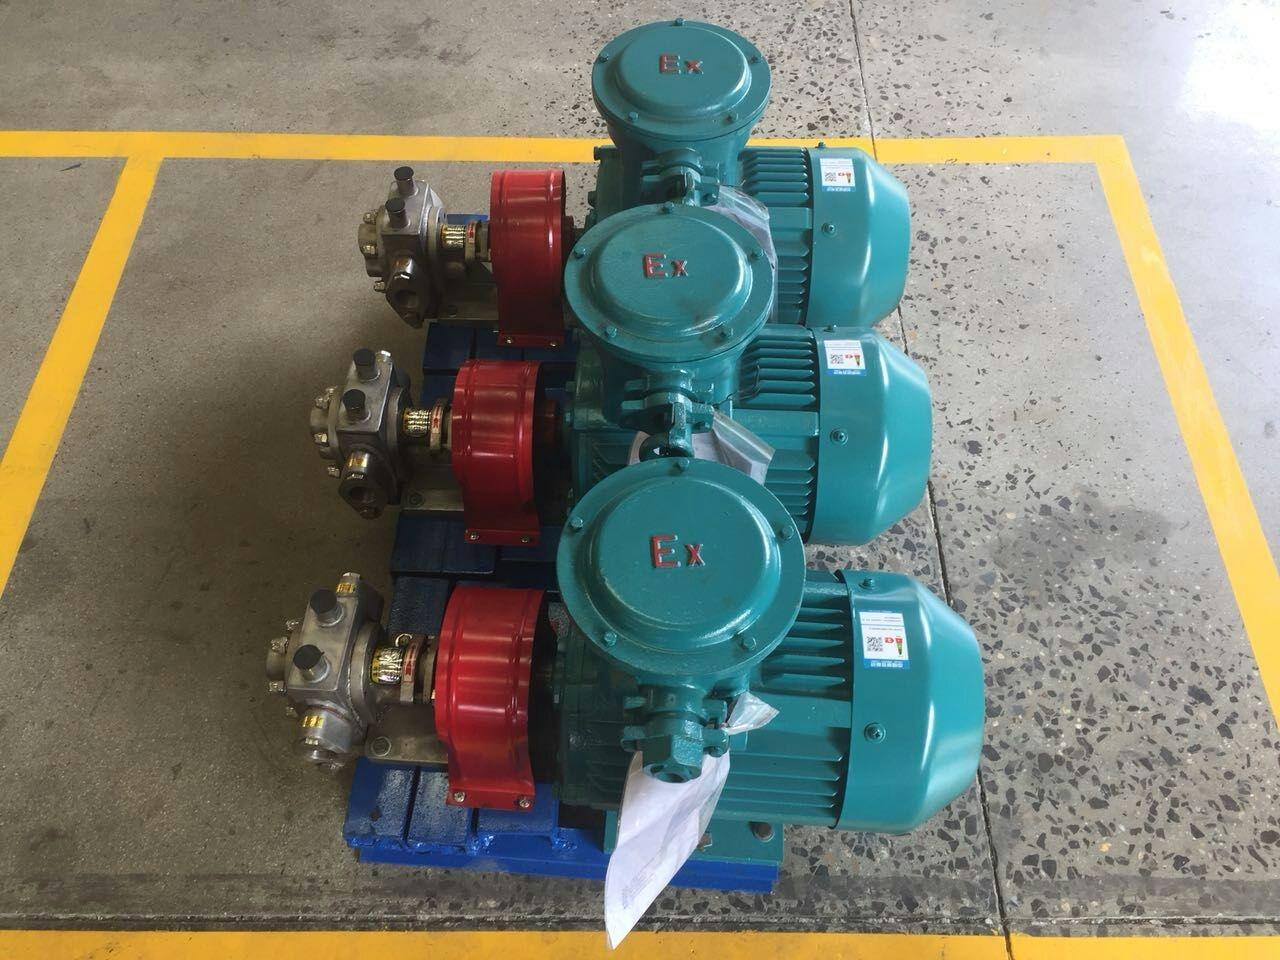 不锈钢齿轮泵能应用于防冻液制作工艺中吗?